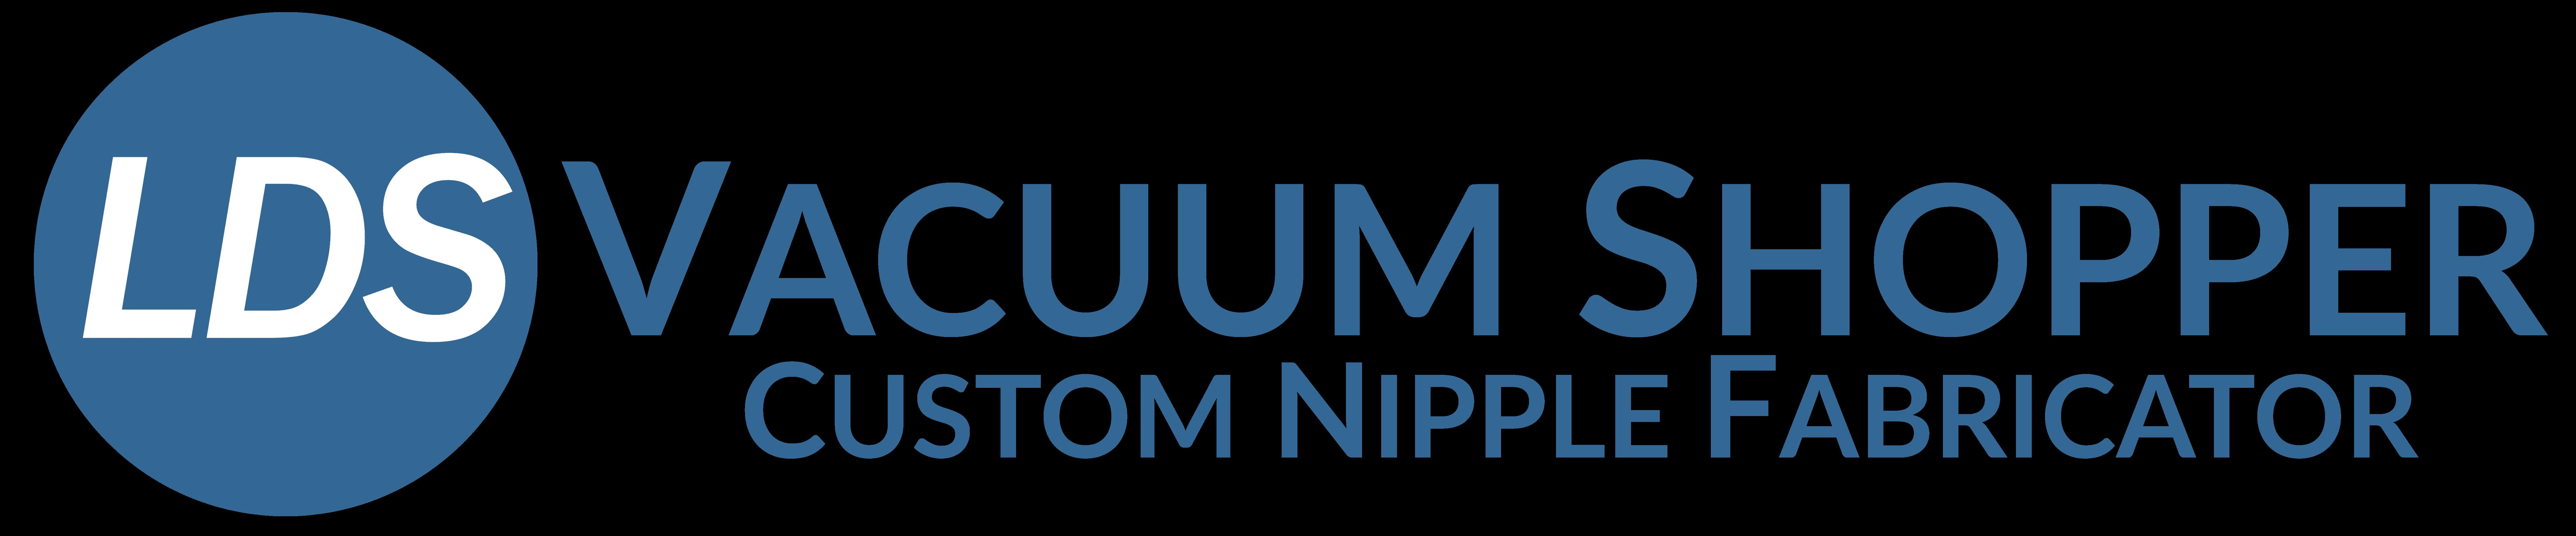 LDS Vacuum Shopper Custom Nipple Fabricator